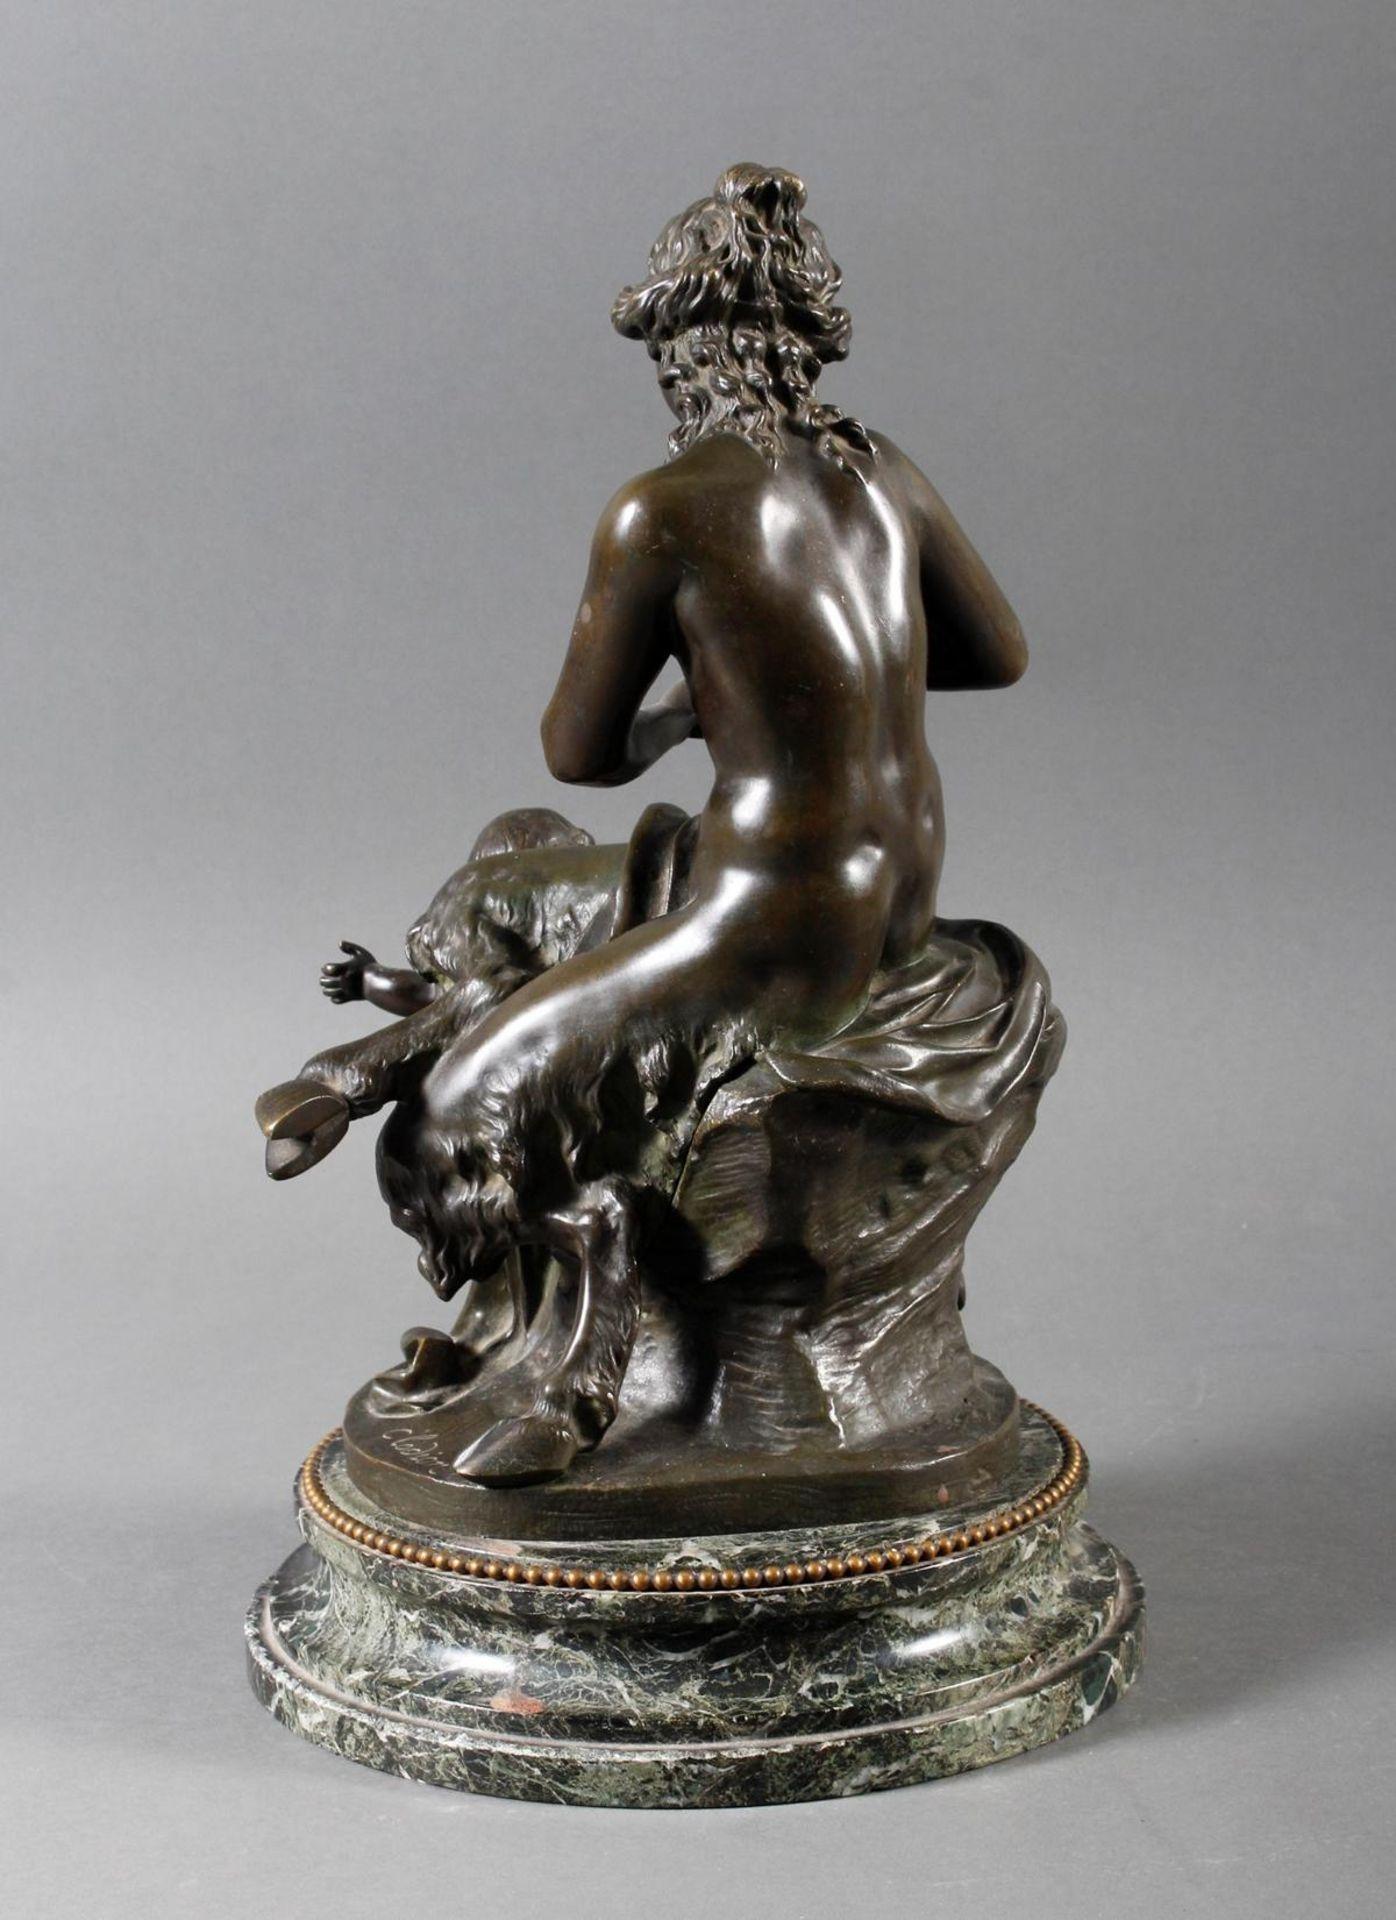 Bronzeskulptur Sitzender Akt, Flötespielende Faundame mit zwei tanzenden Faunjungen, Frankreich um 1 - Bild 3 aus 7